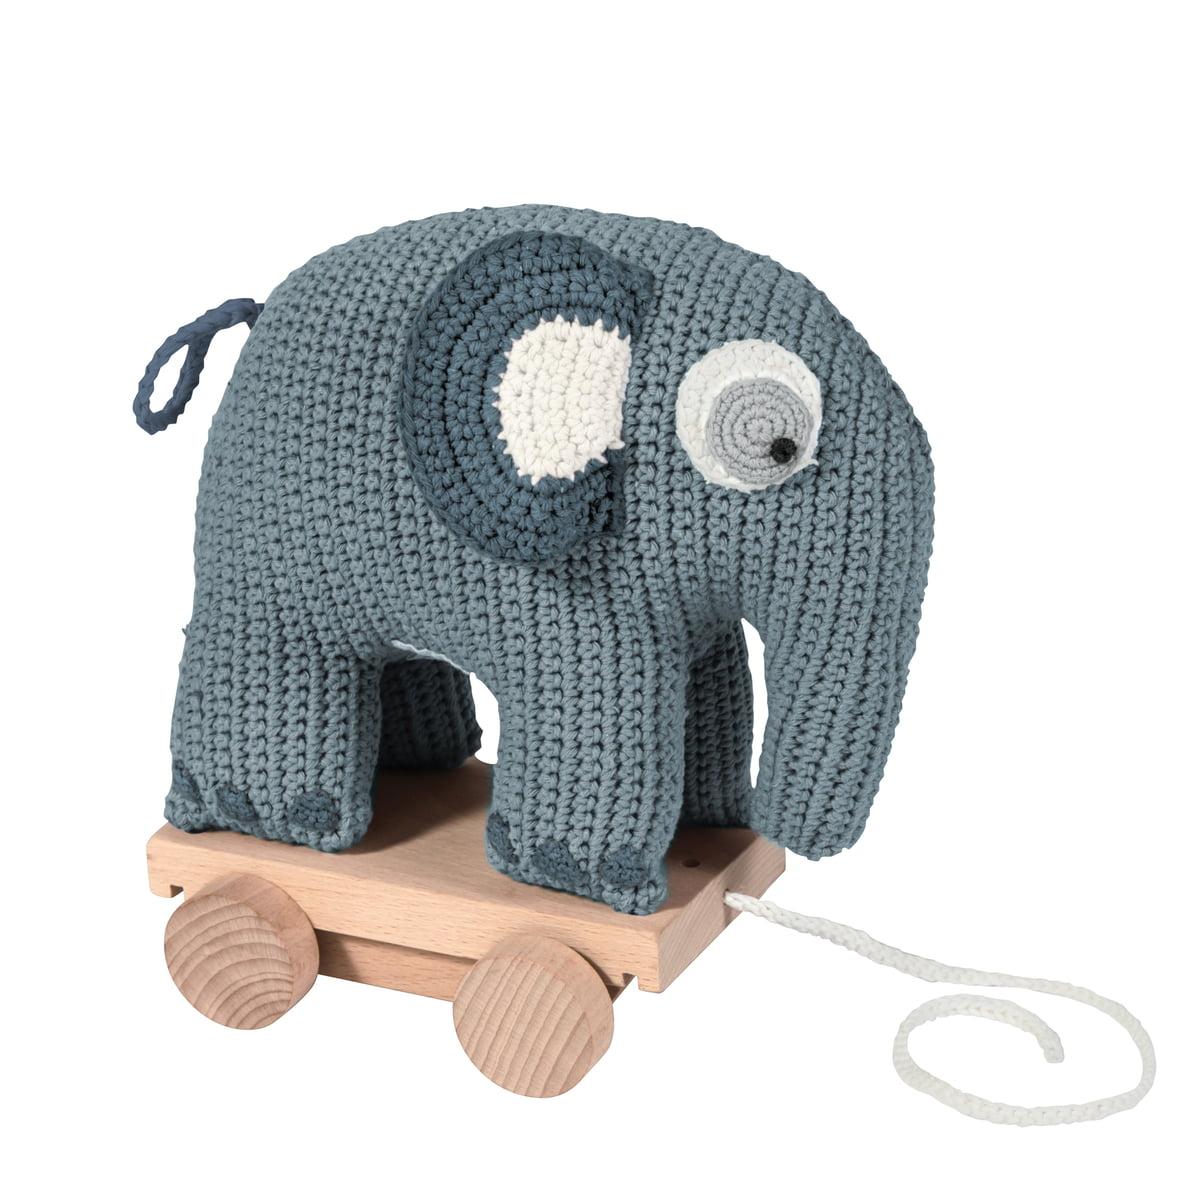 Sebra - Häkel-Nachziehtier, Elefant | Kinderzimmer > Spielzeuge | Blau | 100% baumwolle mit polyesterfüllung -  hölzerne räder | Sebra